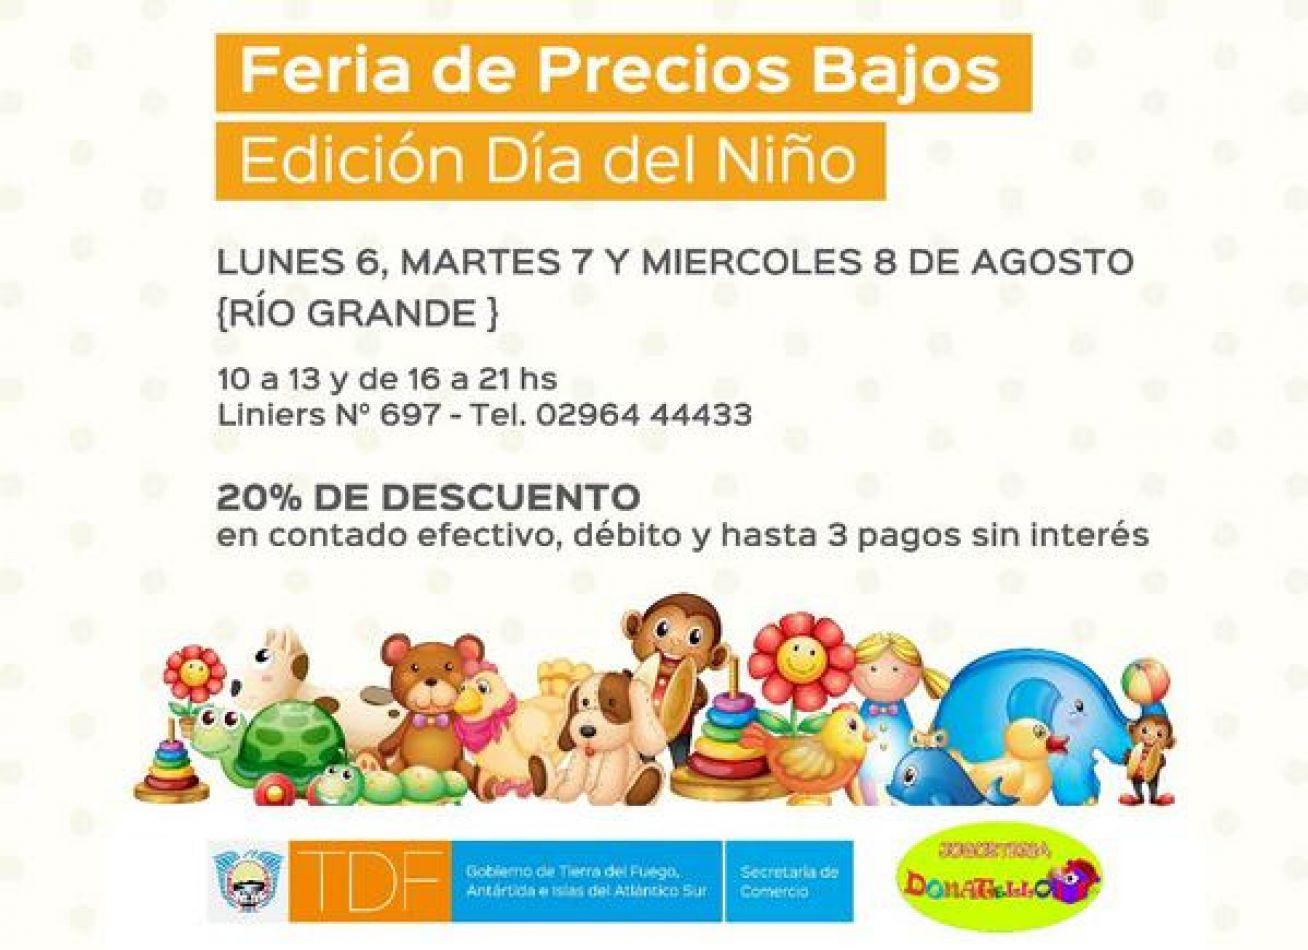 Edición Feria Día del Niño